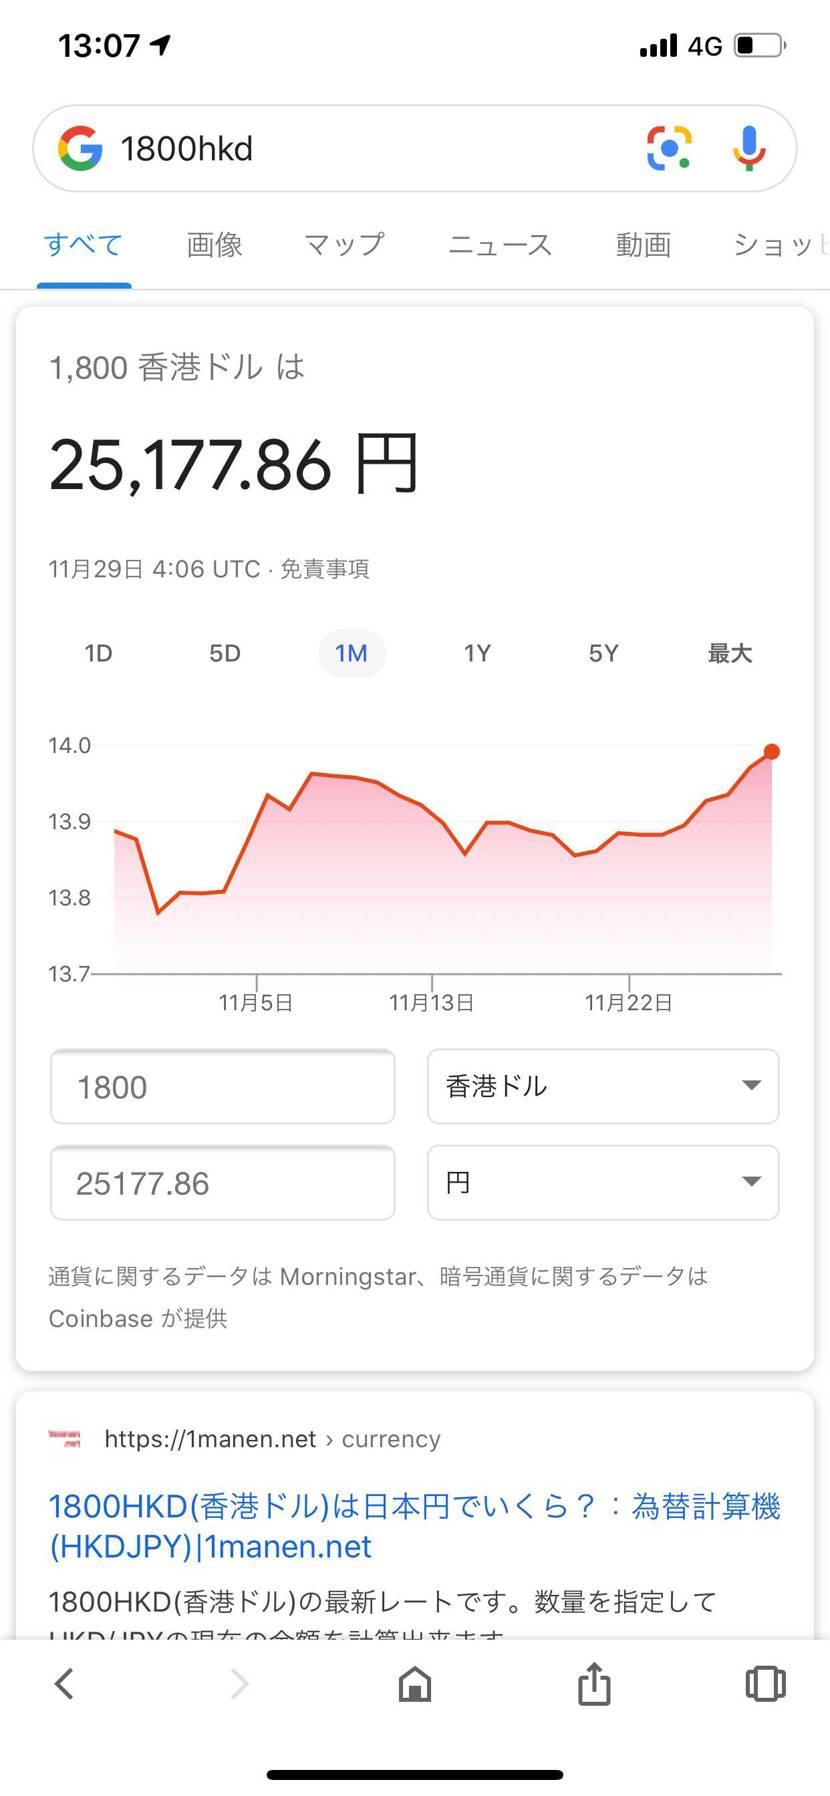 HKDだから25000円ですよw